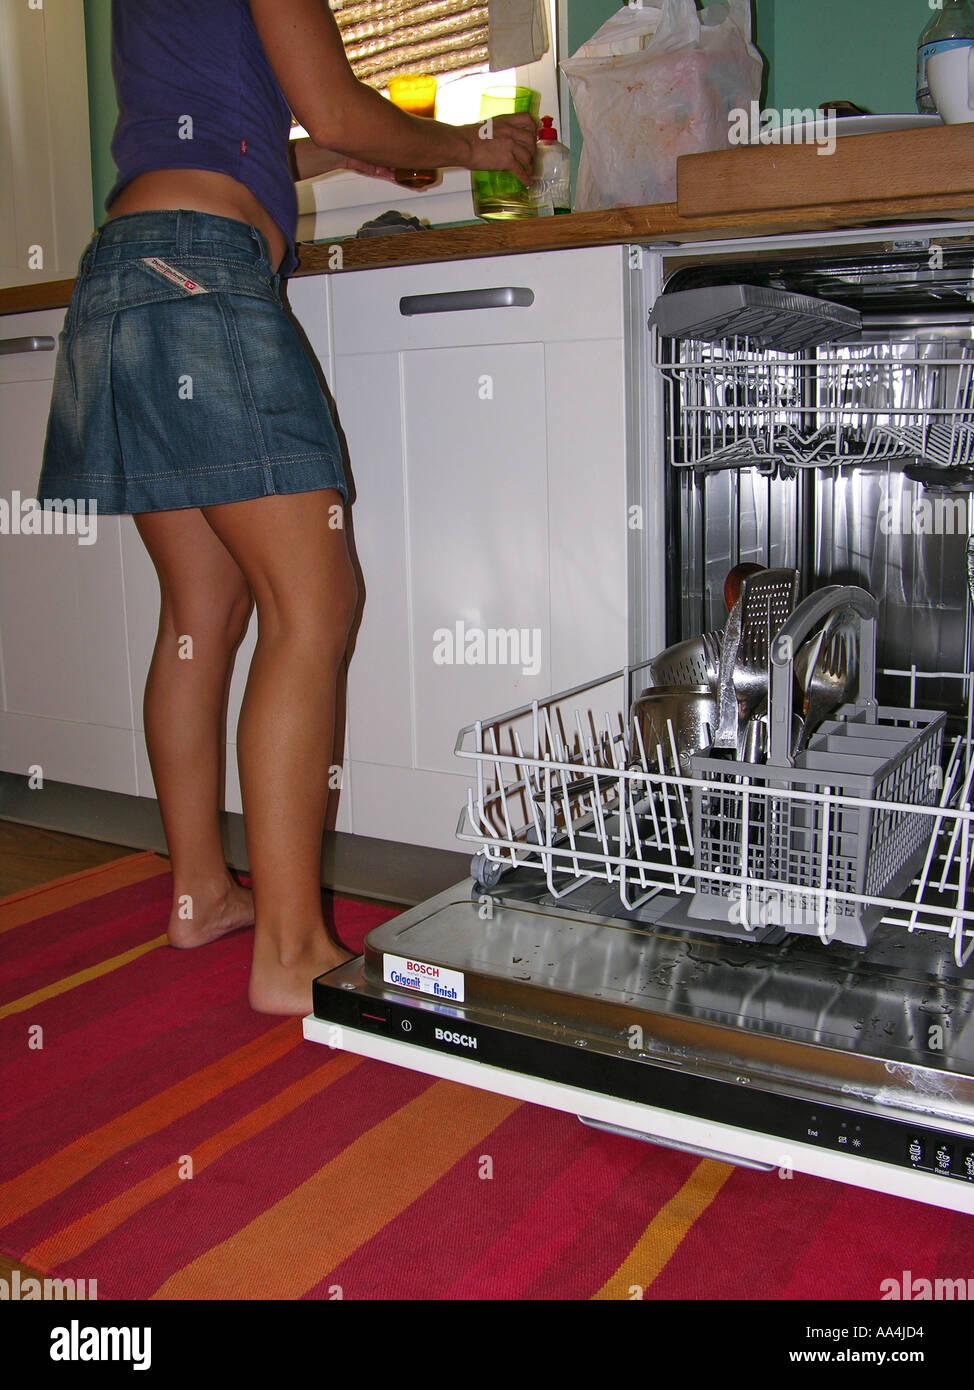 Vue arrière du côté d'une femme le chargement d'un lave-vaisselle Photo Stock